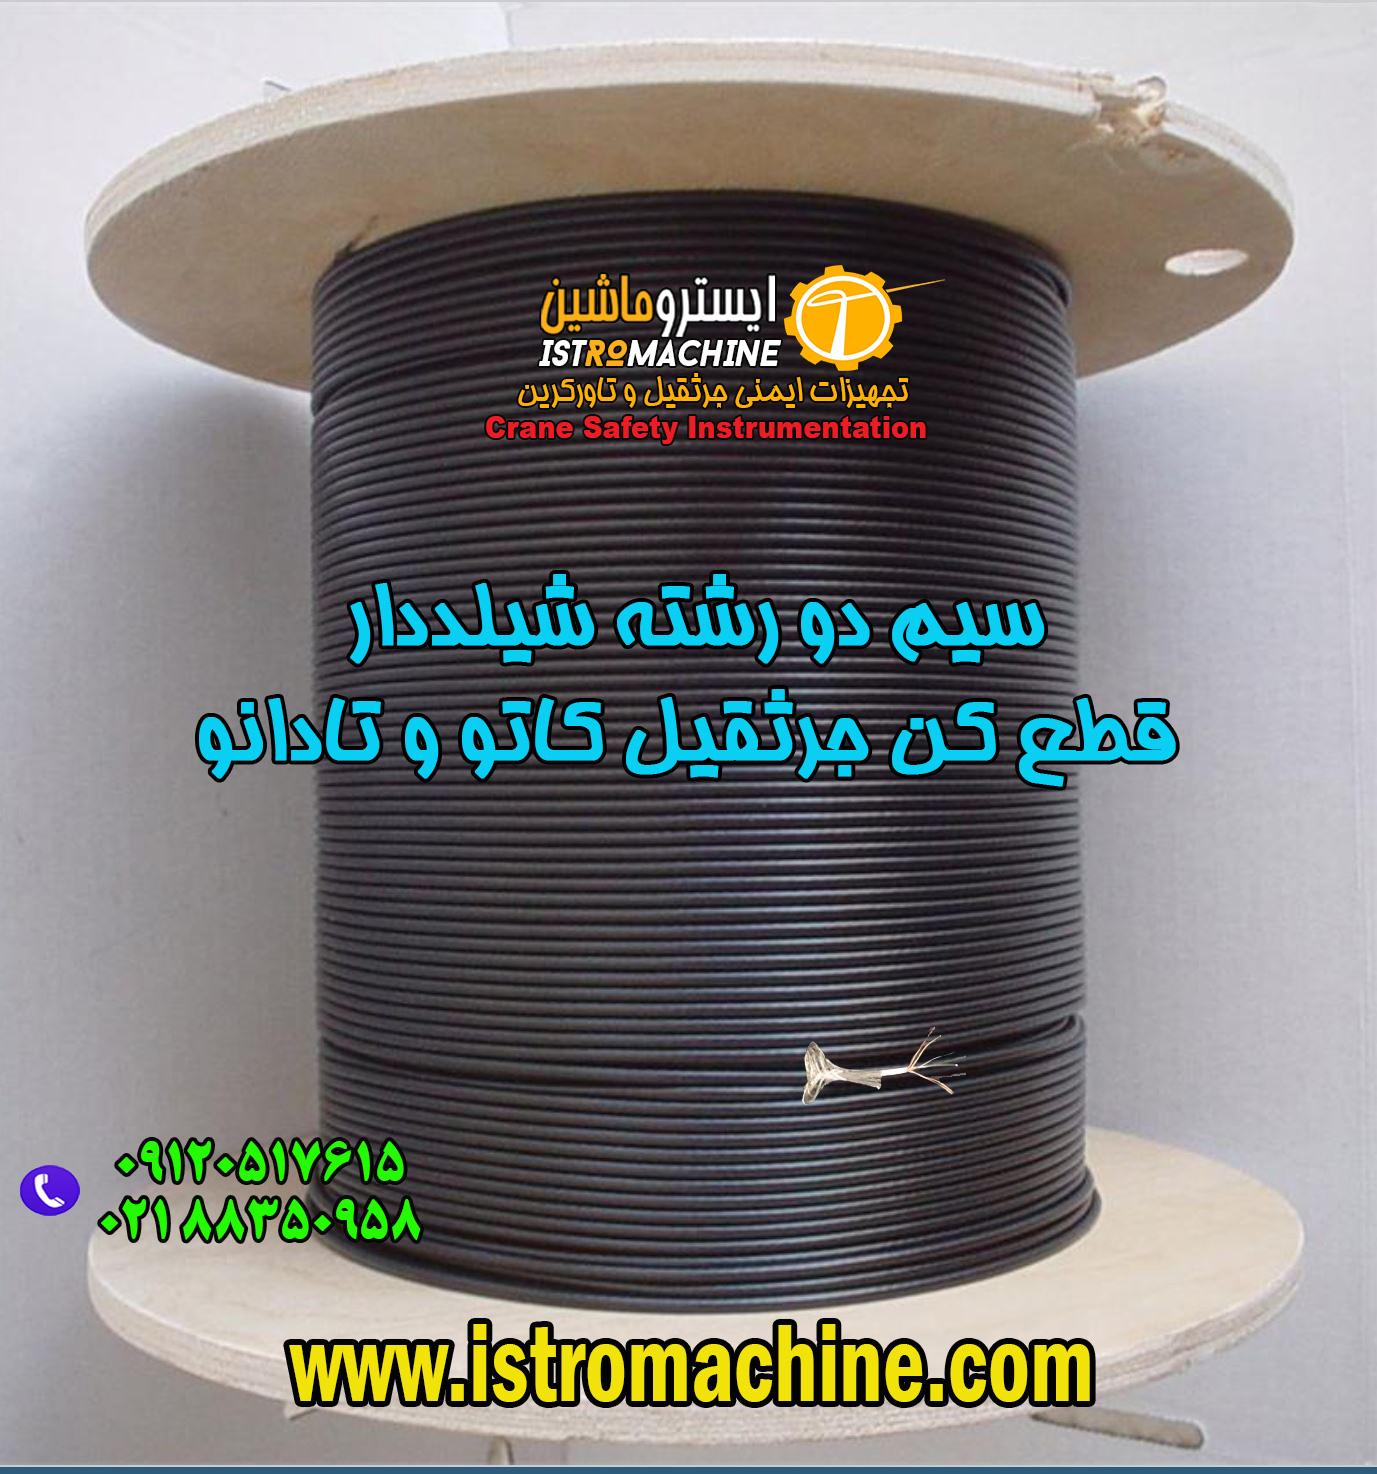 فروش سیم و كابل جرثقیل كاتو جرثقیل تادانو (دو رشته شیلد دار)